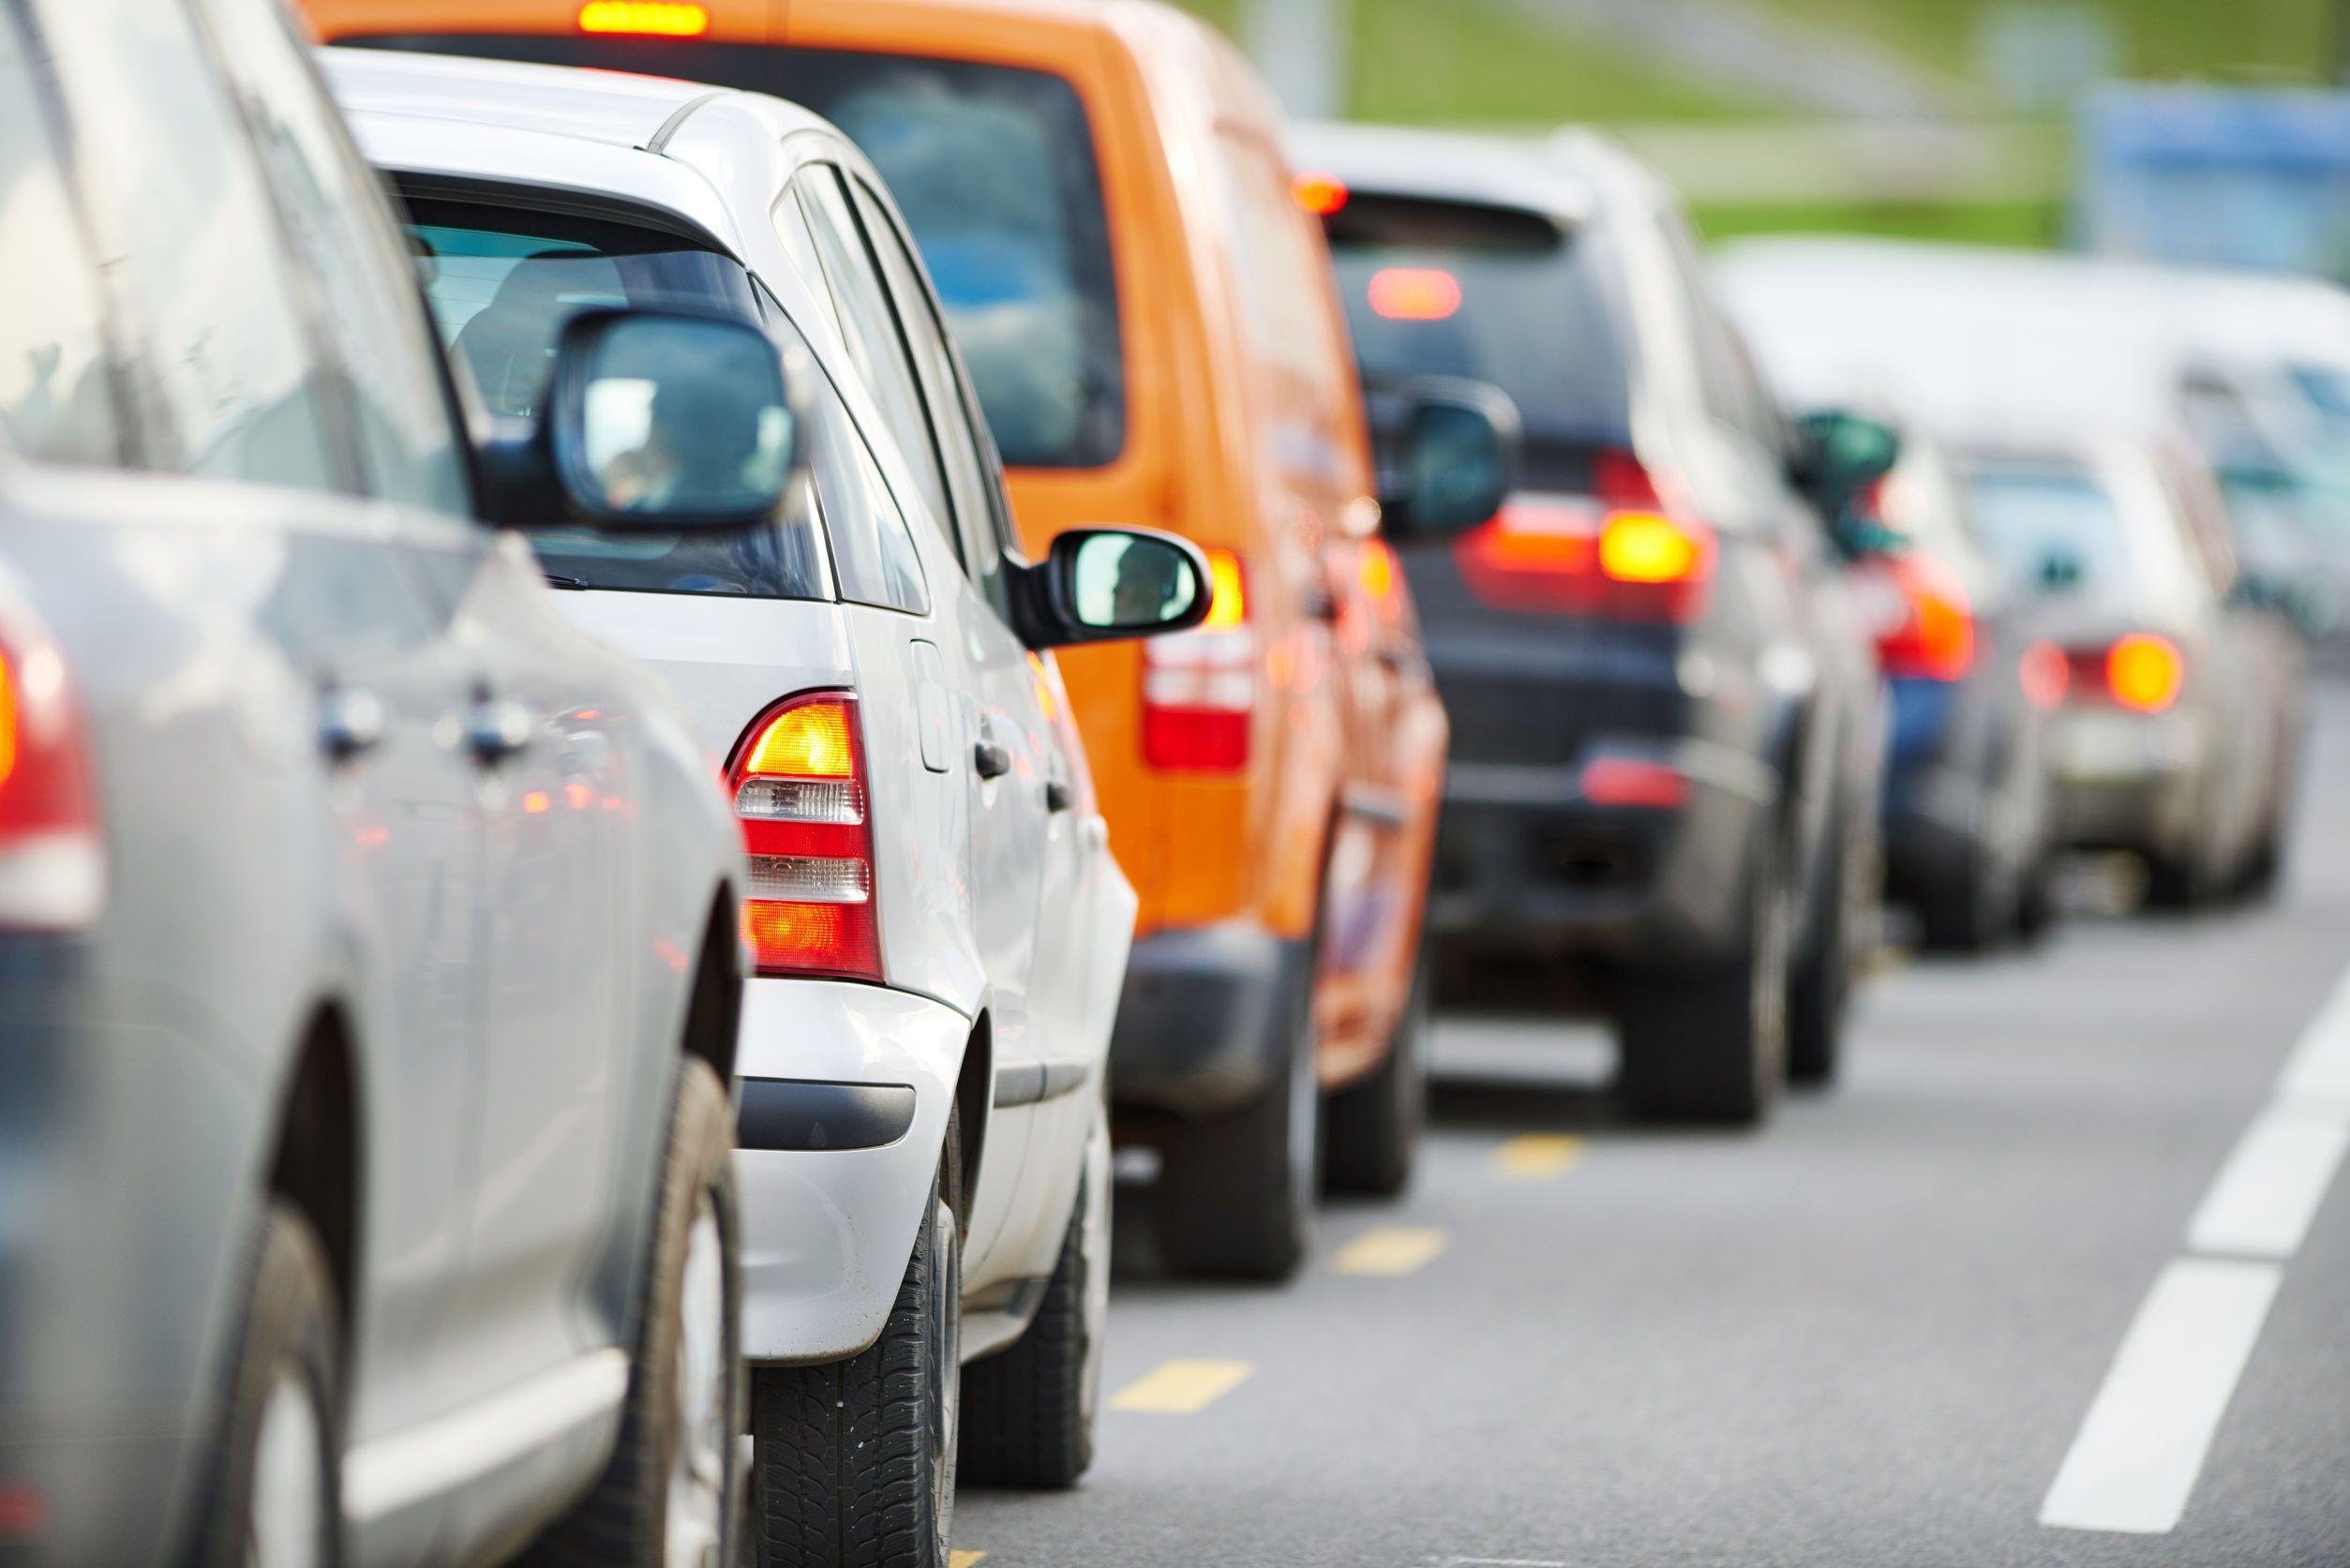 МВД запустило новую систему для розыска автомобилей